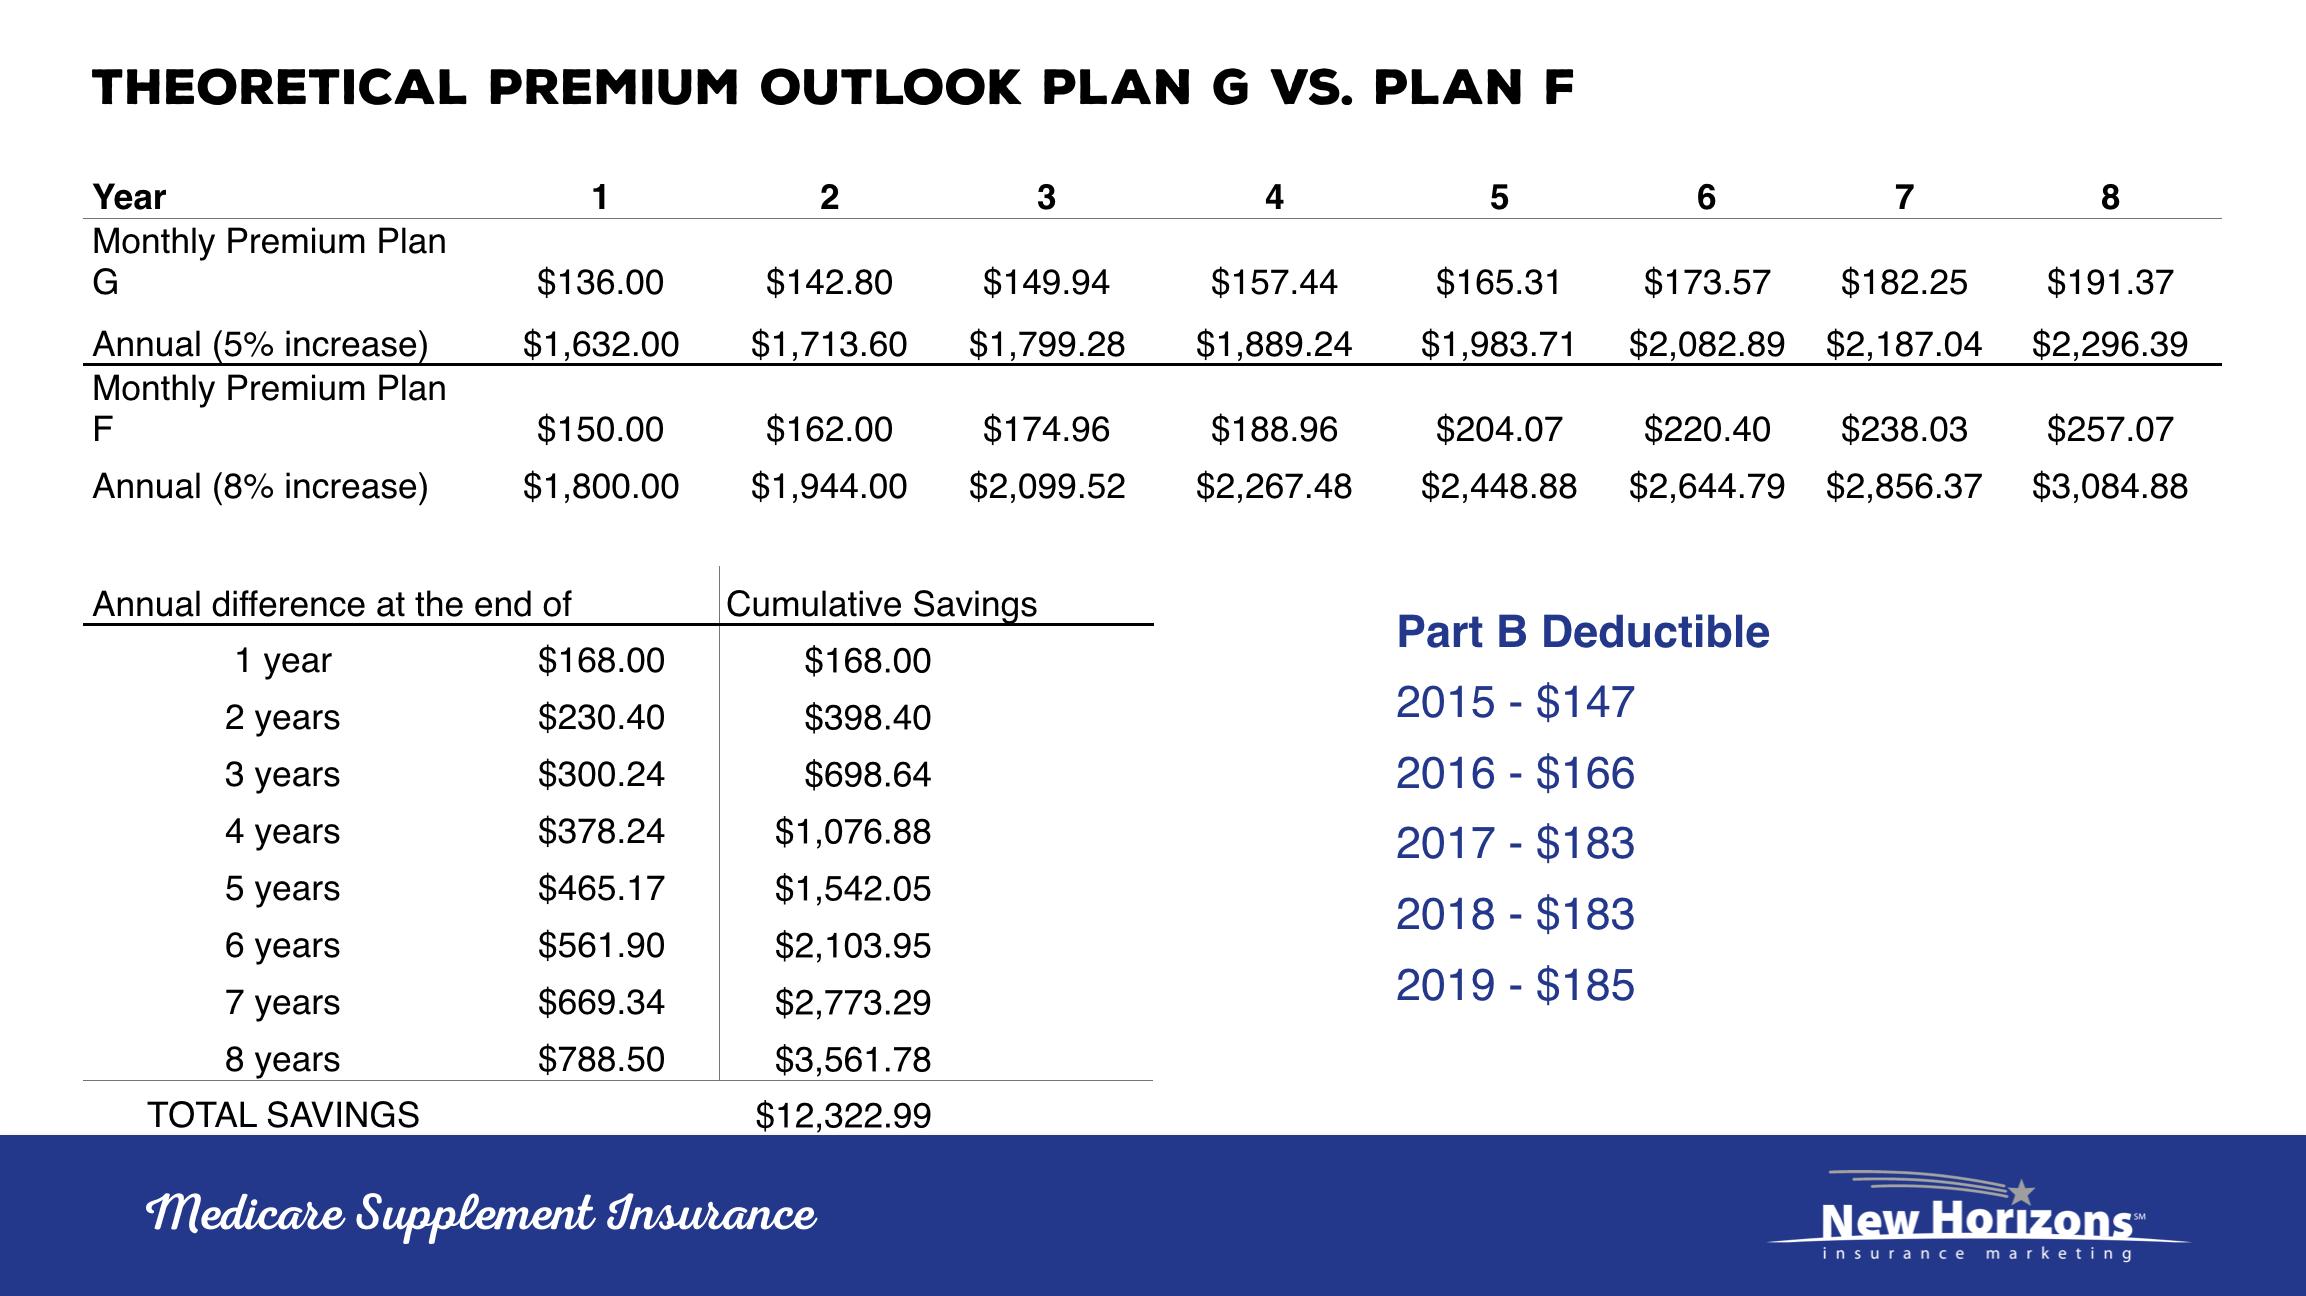 Plan G vs Plan F Premiums